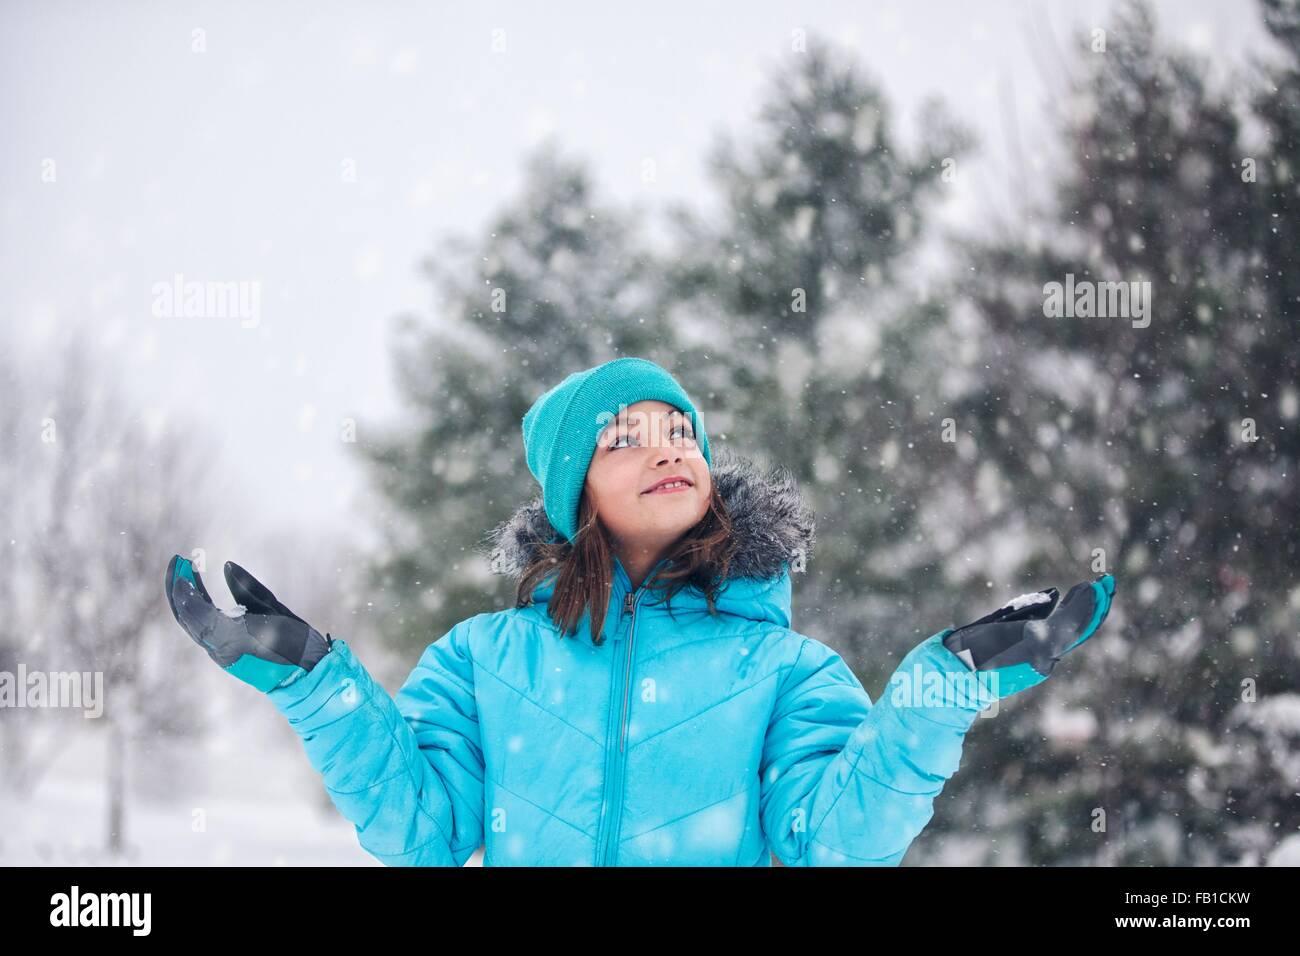 Mädchen tragen Türkis stricken Hut und Mantel, Arme hob, Hände, Schnee, blickte lächelnd zu Stockbild